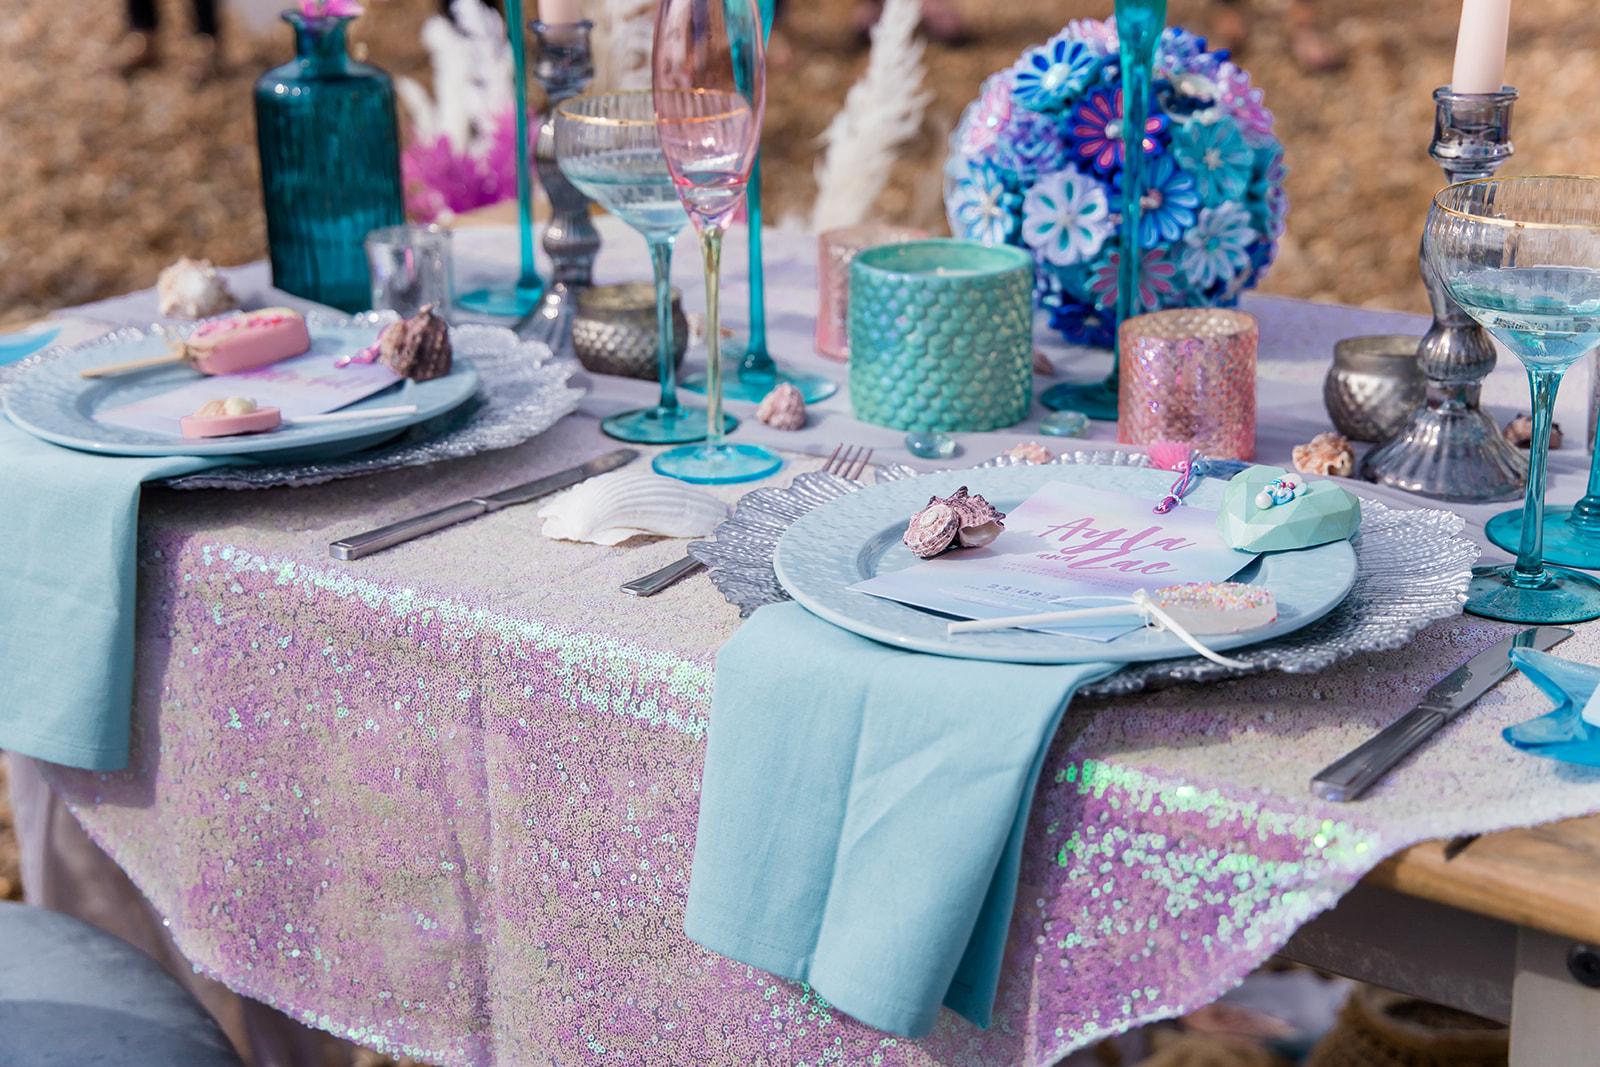 mermaid wedding - beach wedding - quirky wedding - unique wedding - alternative seaside wedding - alternative wedding - pastel blue and pink wedding